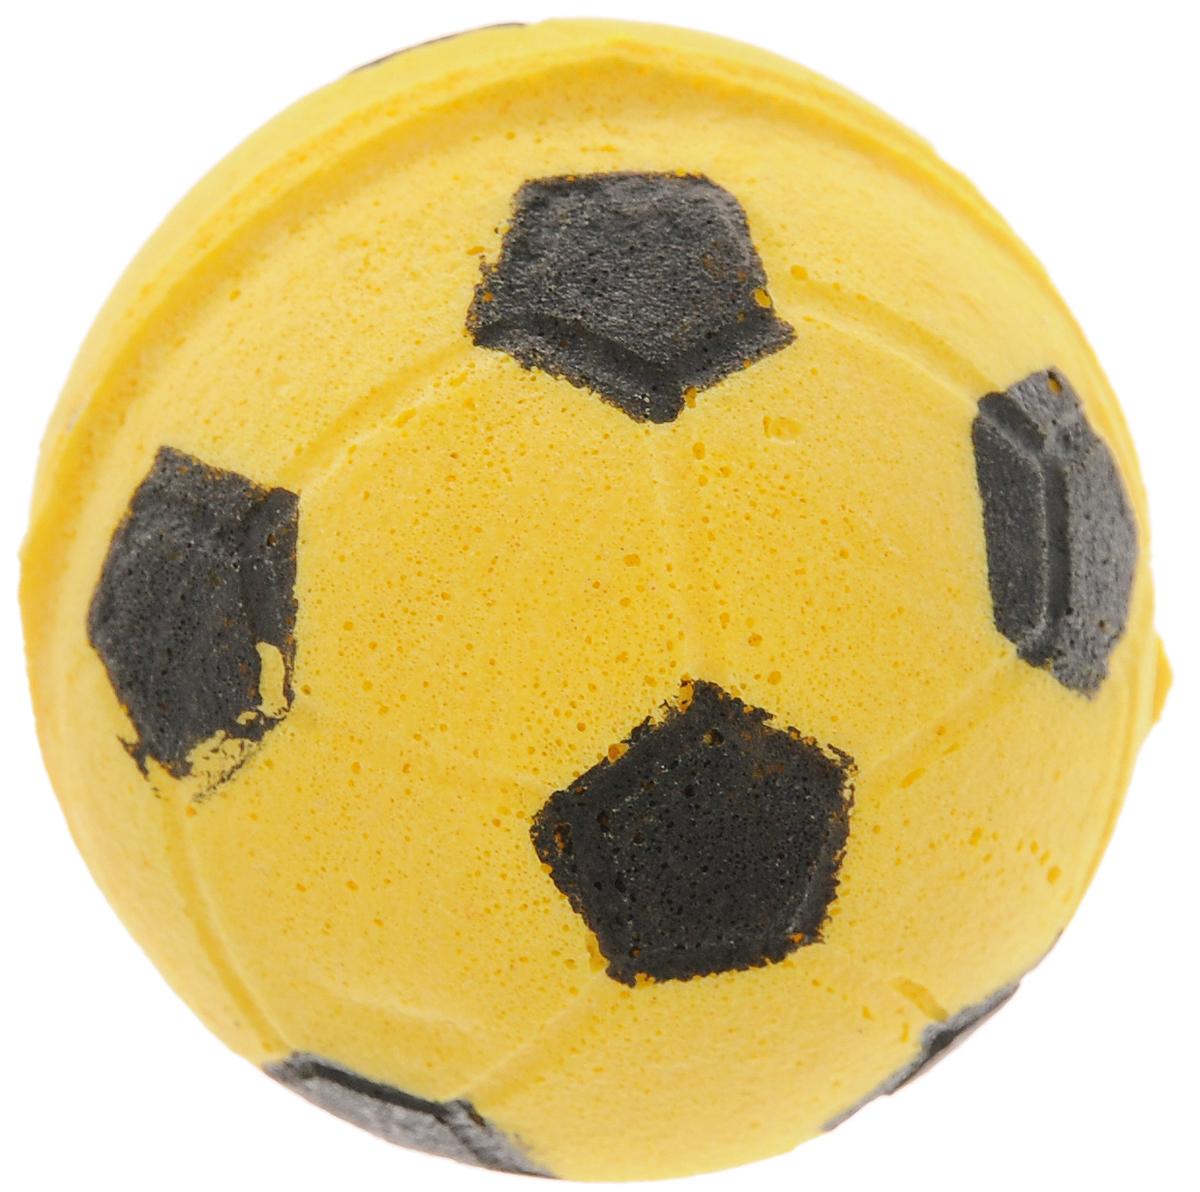 Игрушка для животных Каскад Мячик зефирный. Футбольный, цвет: желтый, диаметр 4,5 см0120710Мягкая игрушка для животных Каскад Мячик зефирный. Футбольный изготовлена из вспененного полимера.Такая игрушка порадует вашего любимца, а вам доставит массу приятных эмоций, ведь наблюдать за игрой всегда интересно и приятно.Диаметр игрушки: 4,5 см.